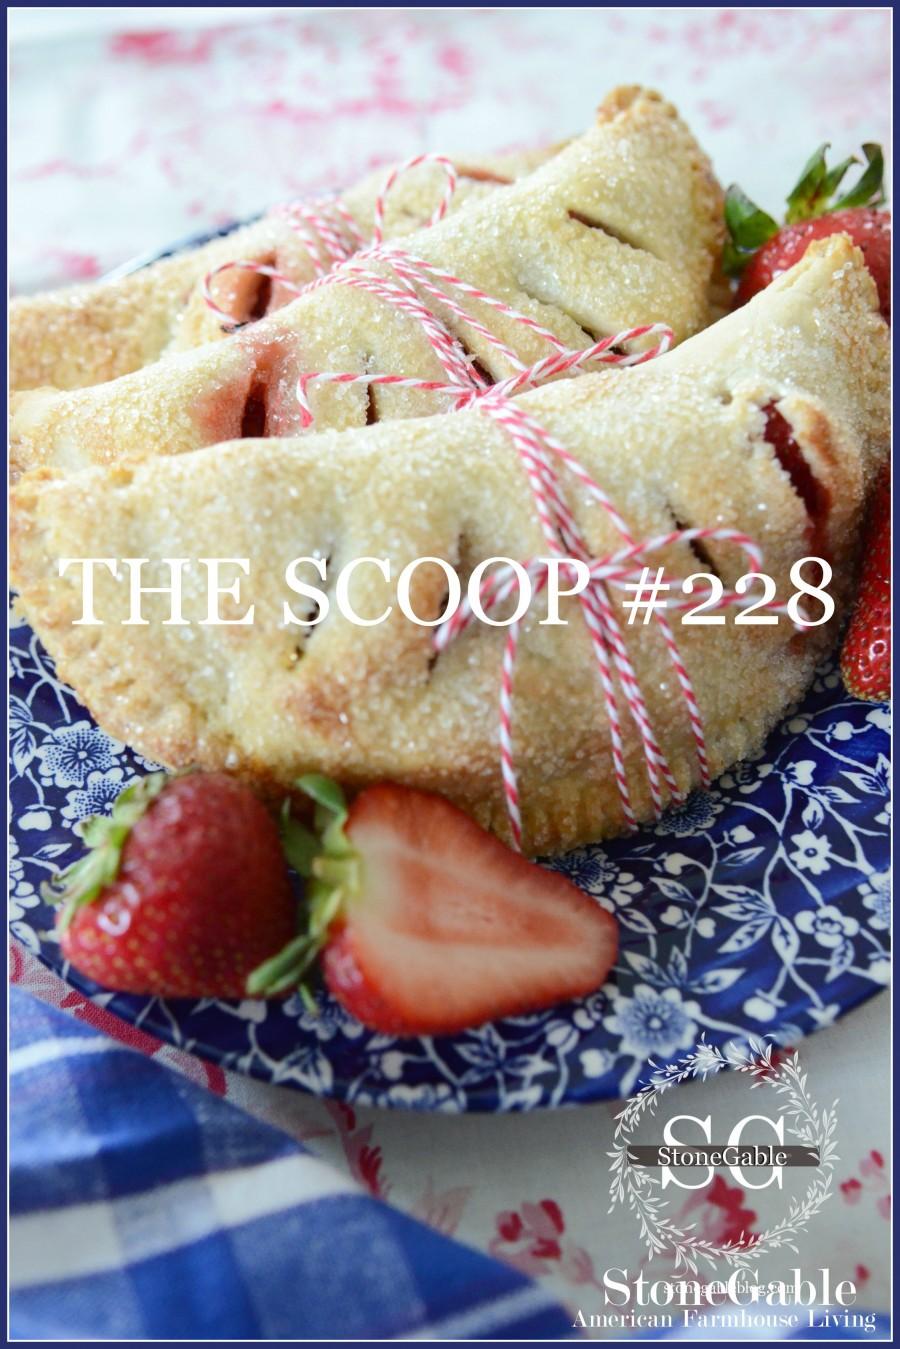 THE SCOOP #228